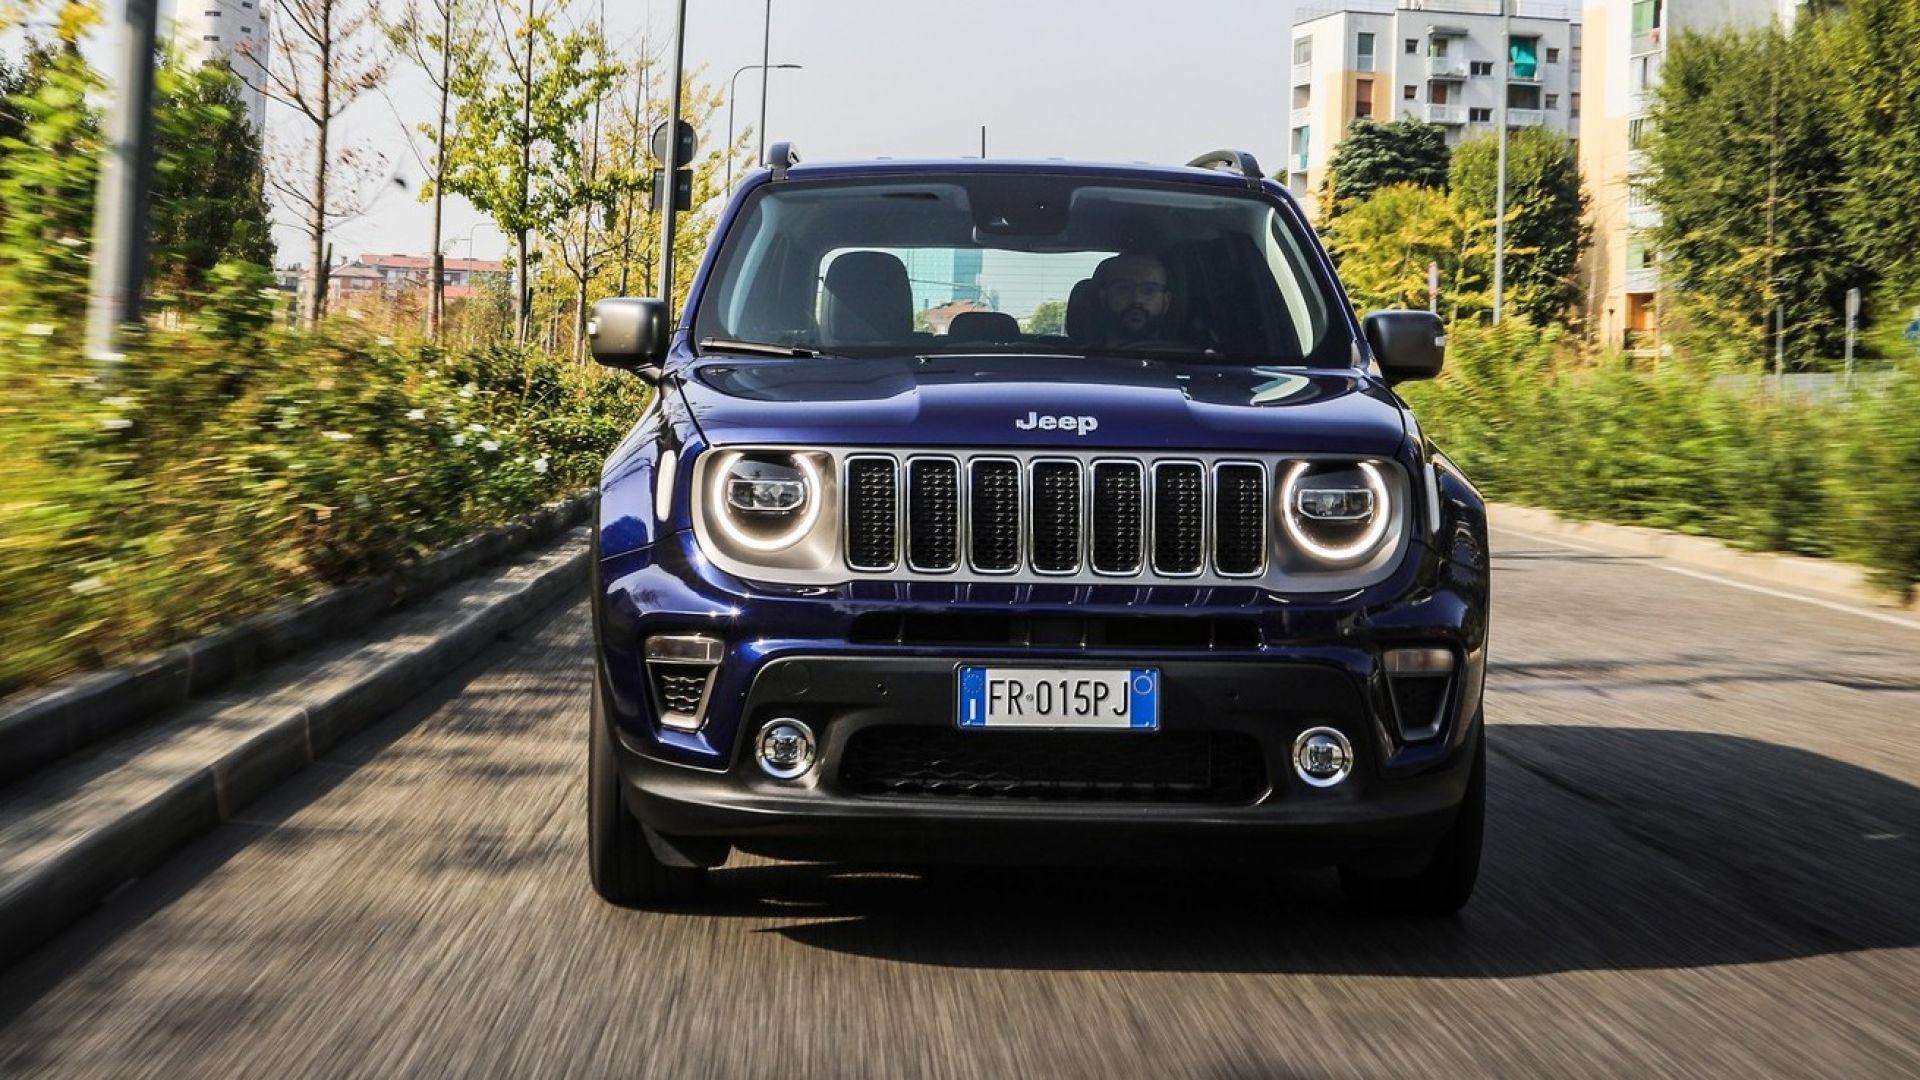 Jeep Renegade Noleggio Finanziamento E Leasing A Chi Conviene